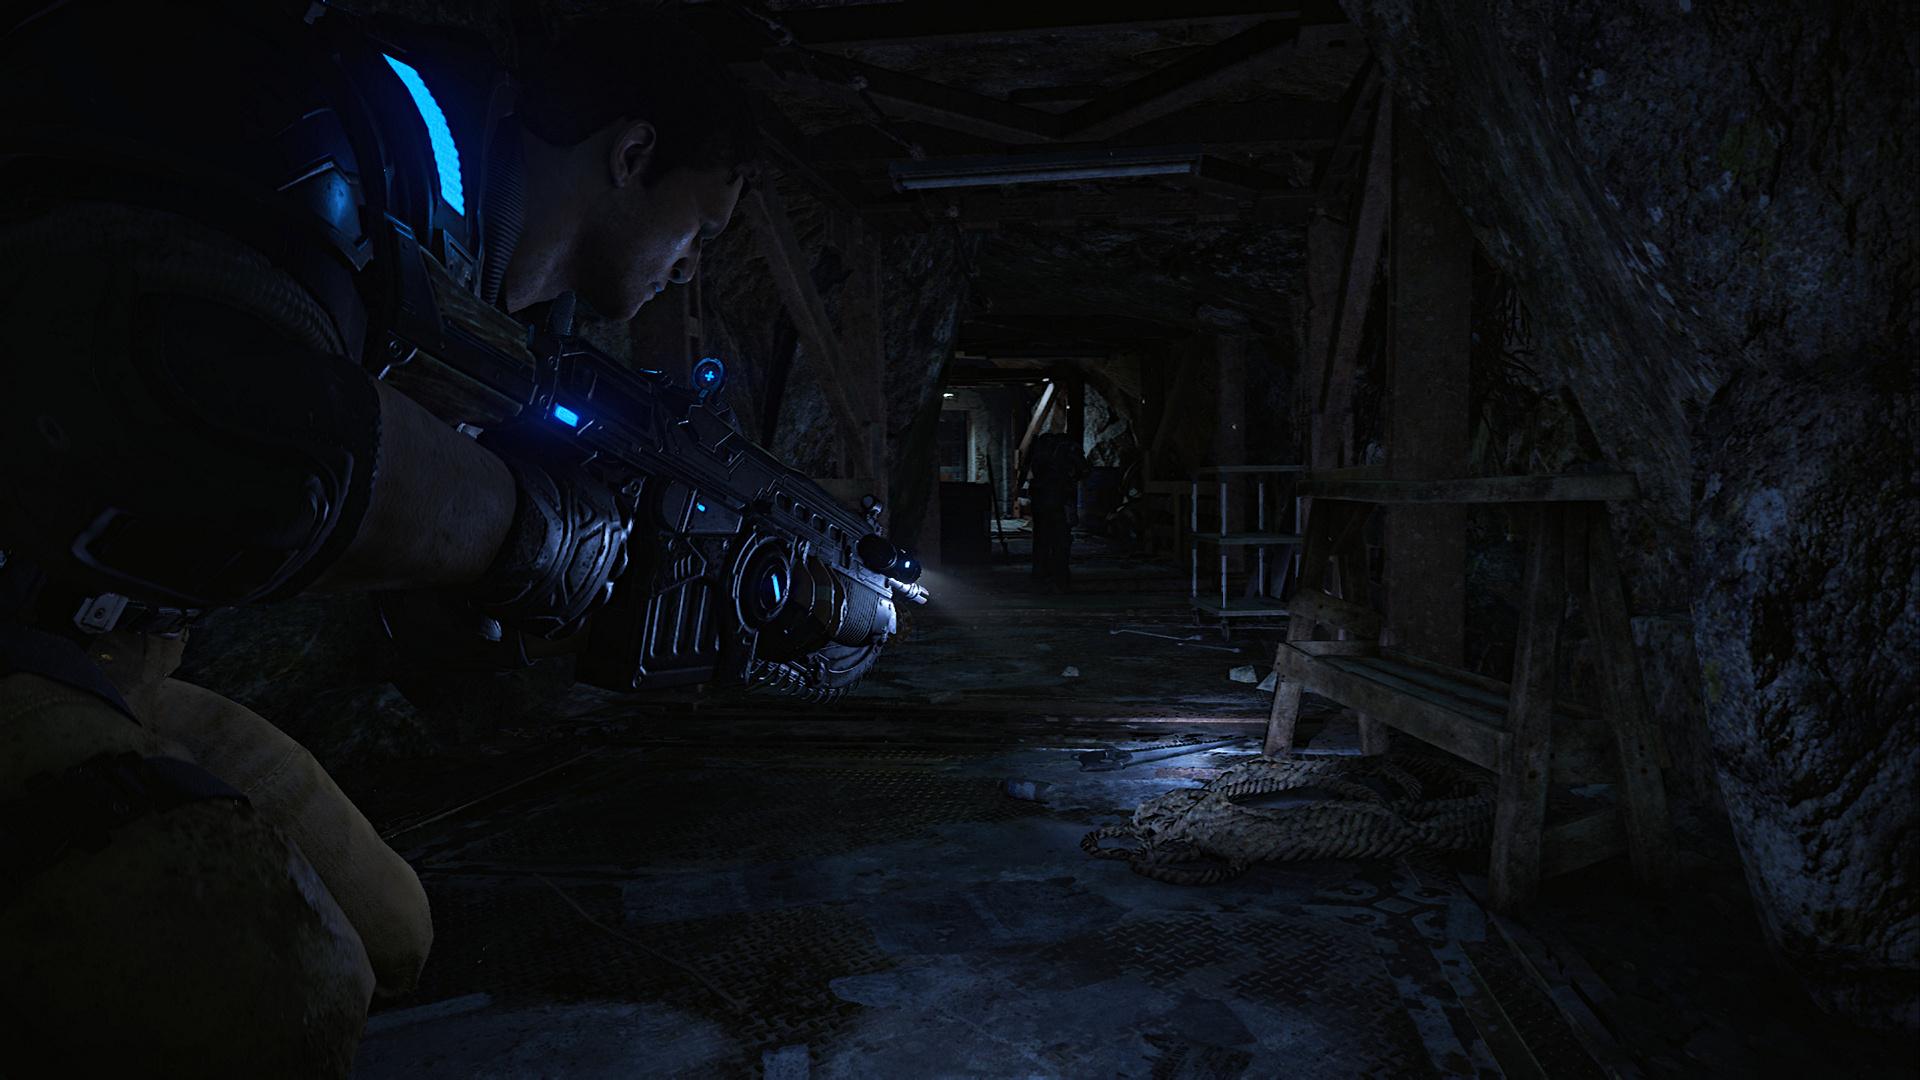 Gears of War 4 im Technik-Test: Wahnsinnig, diese PC-Version - Gears of War 4, Ultra-Details, 4K-UHD @ 1080p (Screenshot: Golem.de)